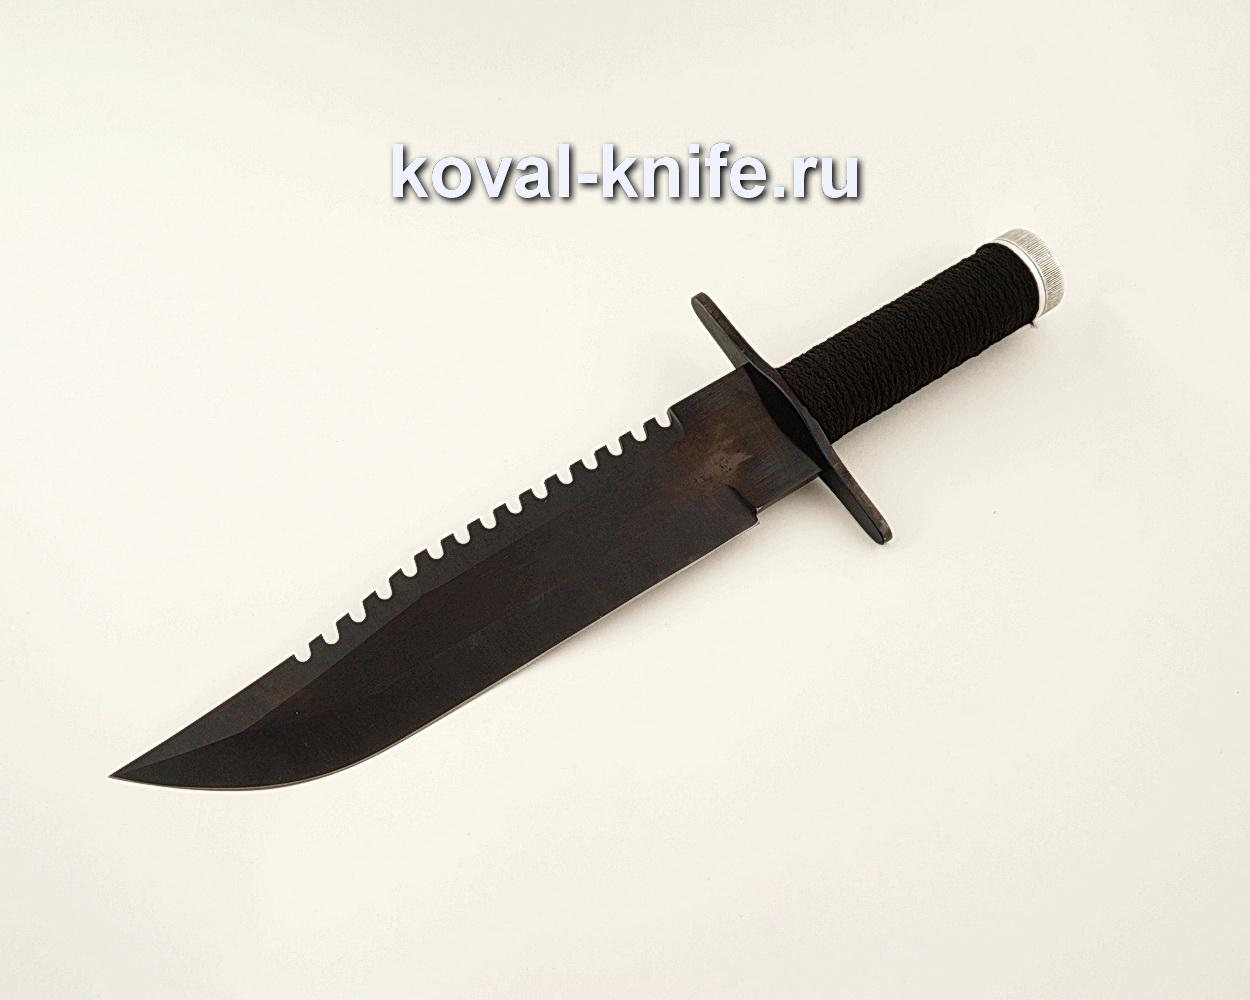 Нож Рэмбо из углеродистого композита  A613